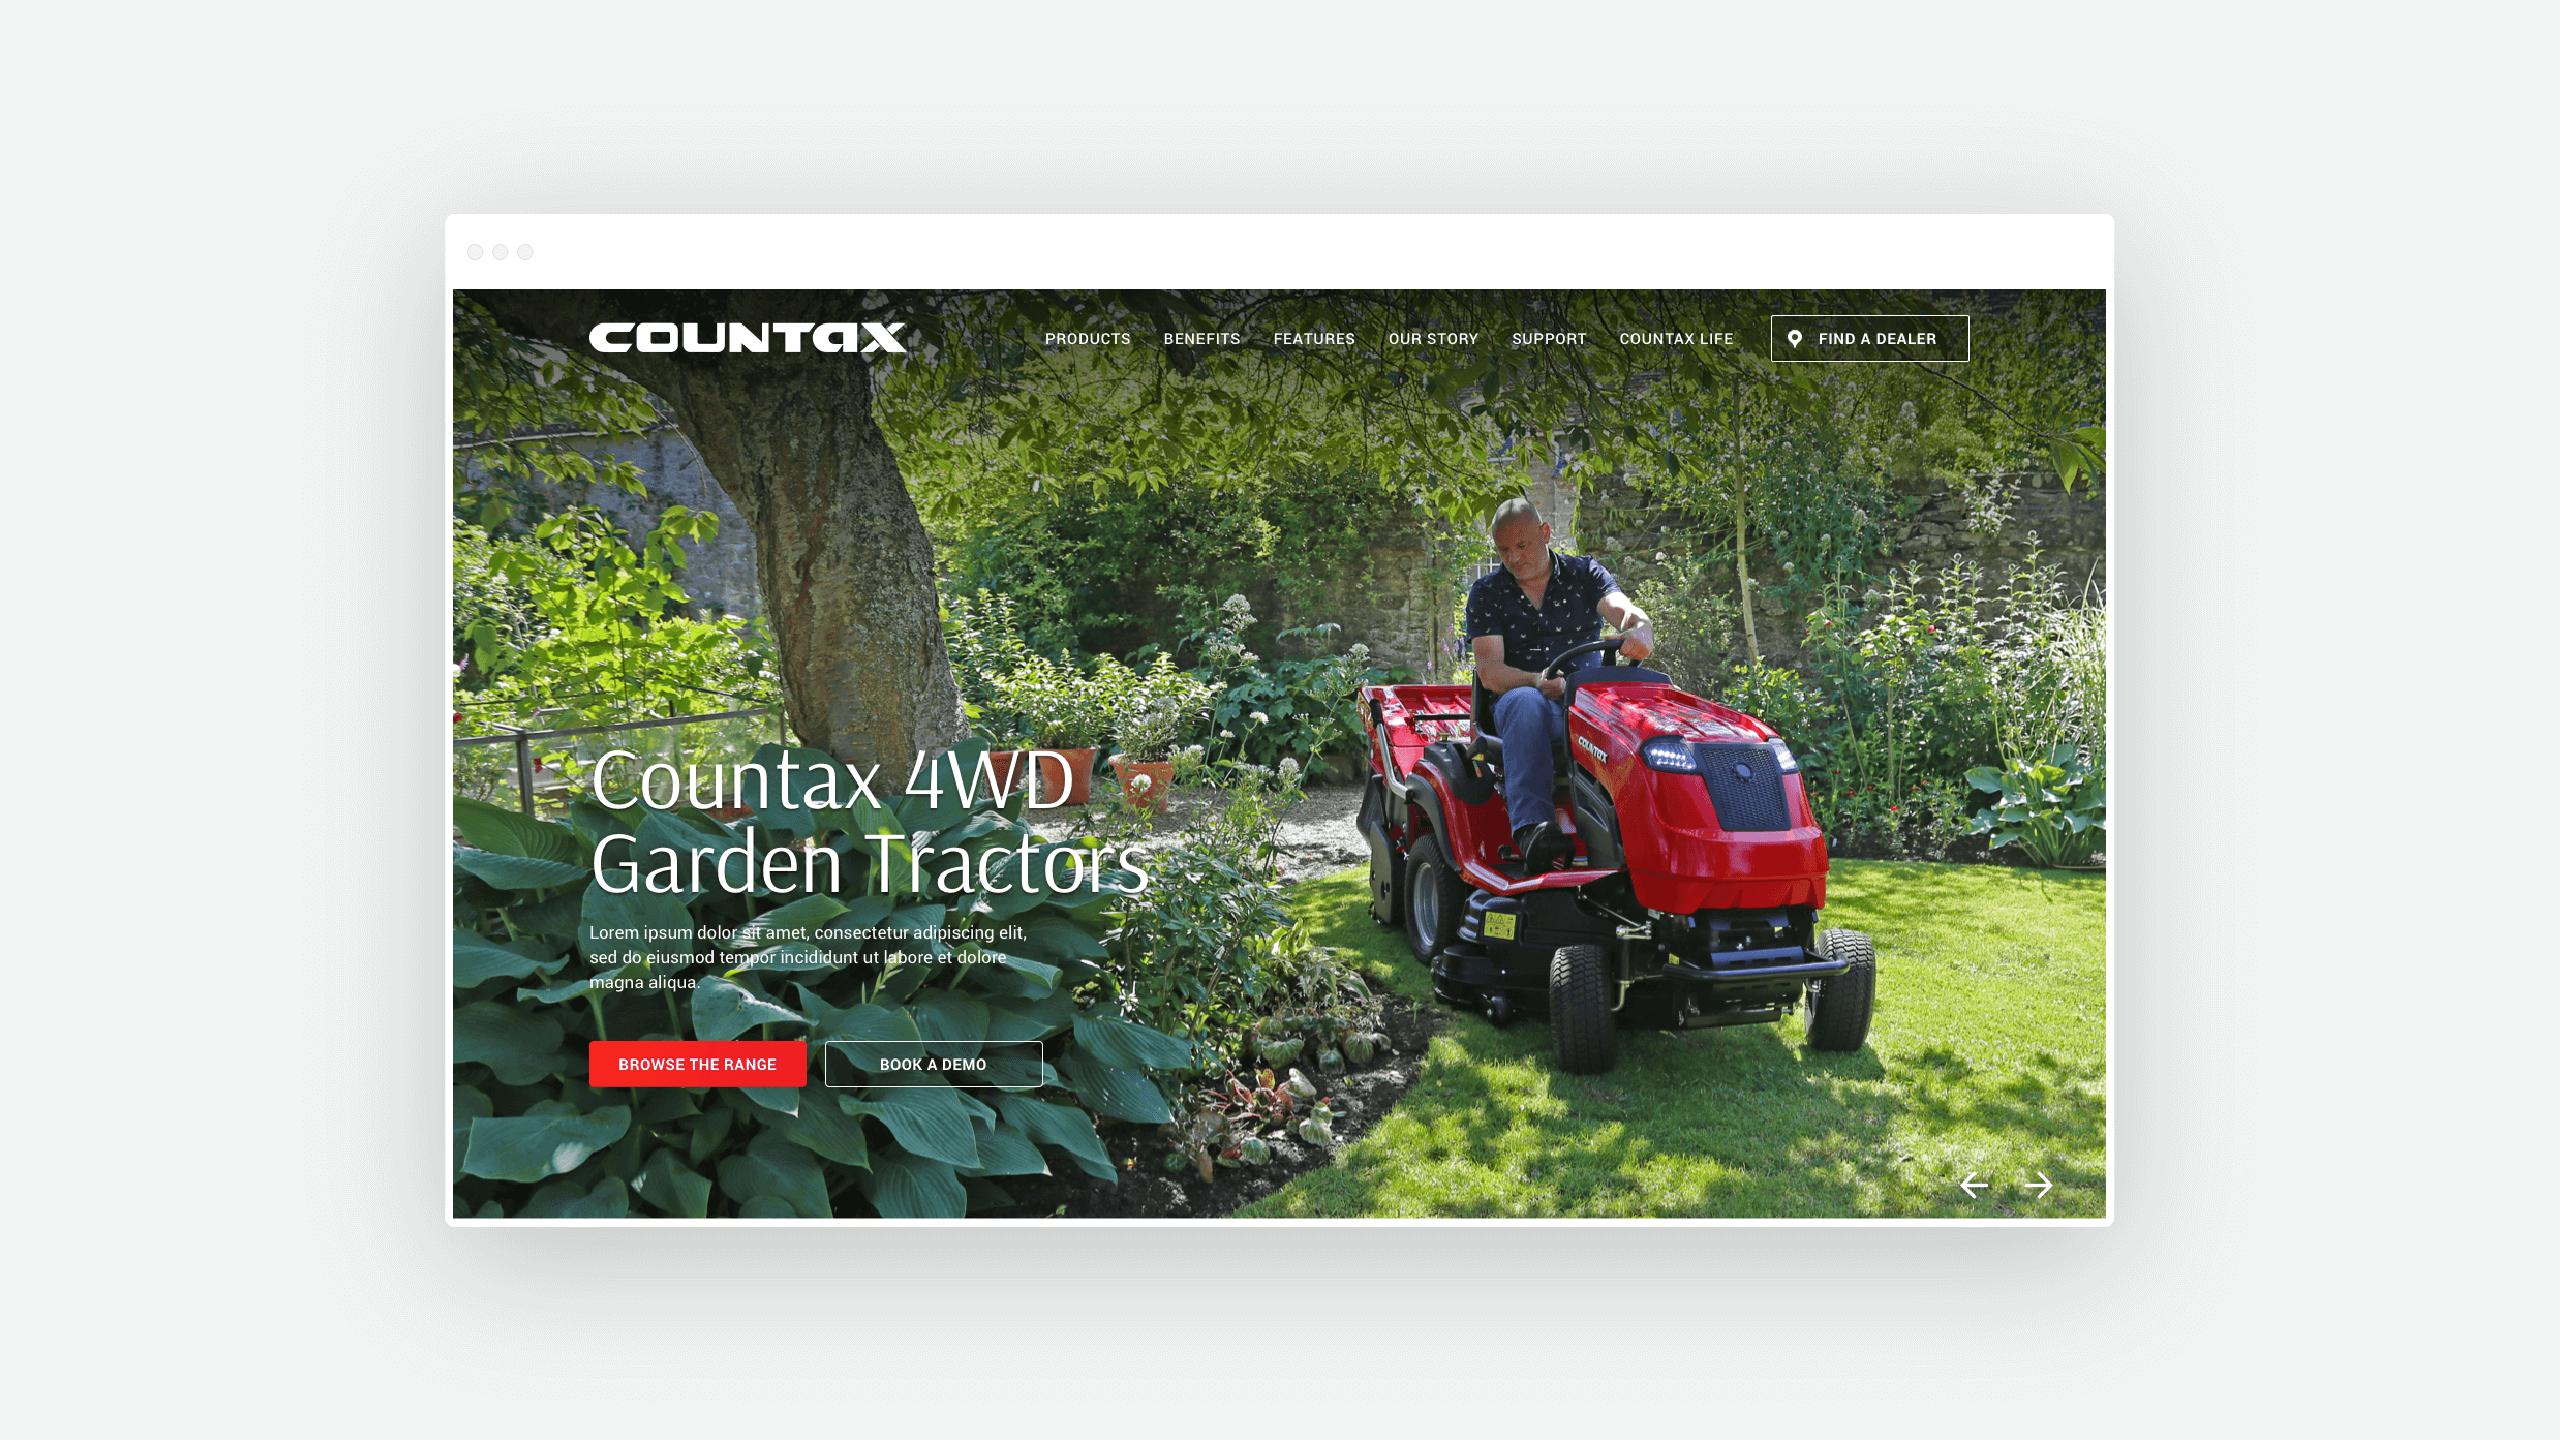 Countax website design